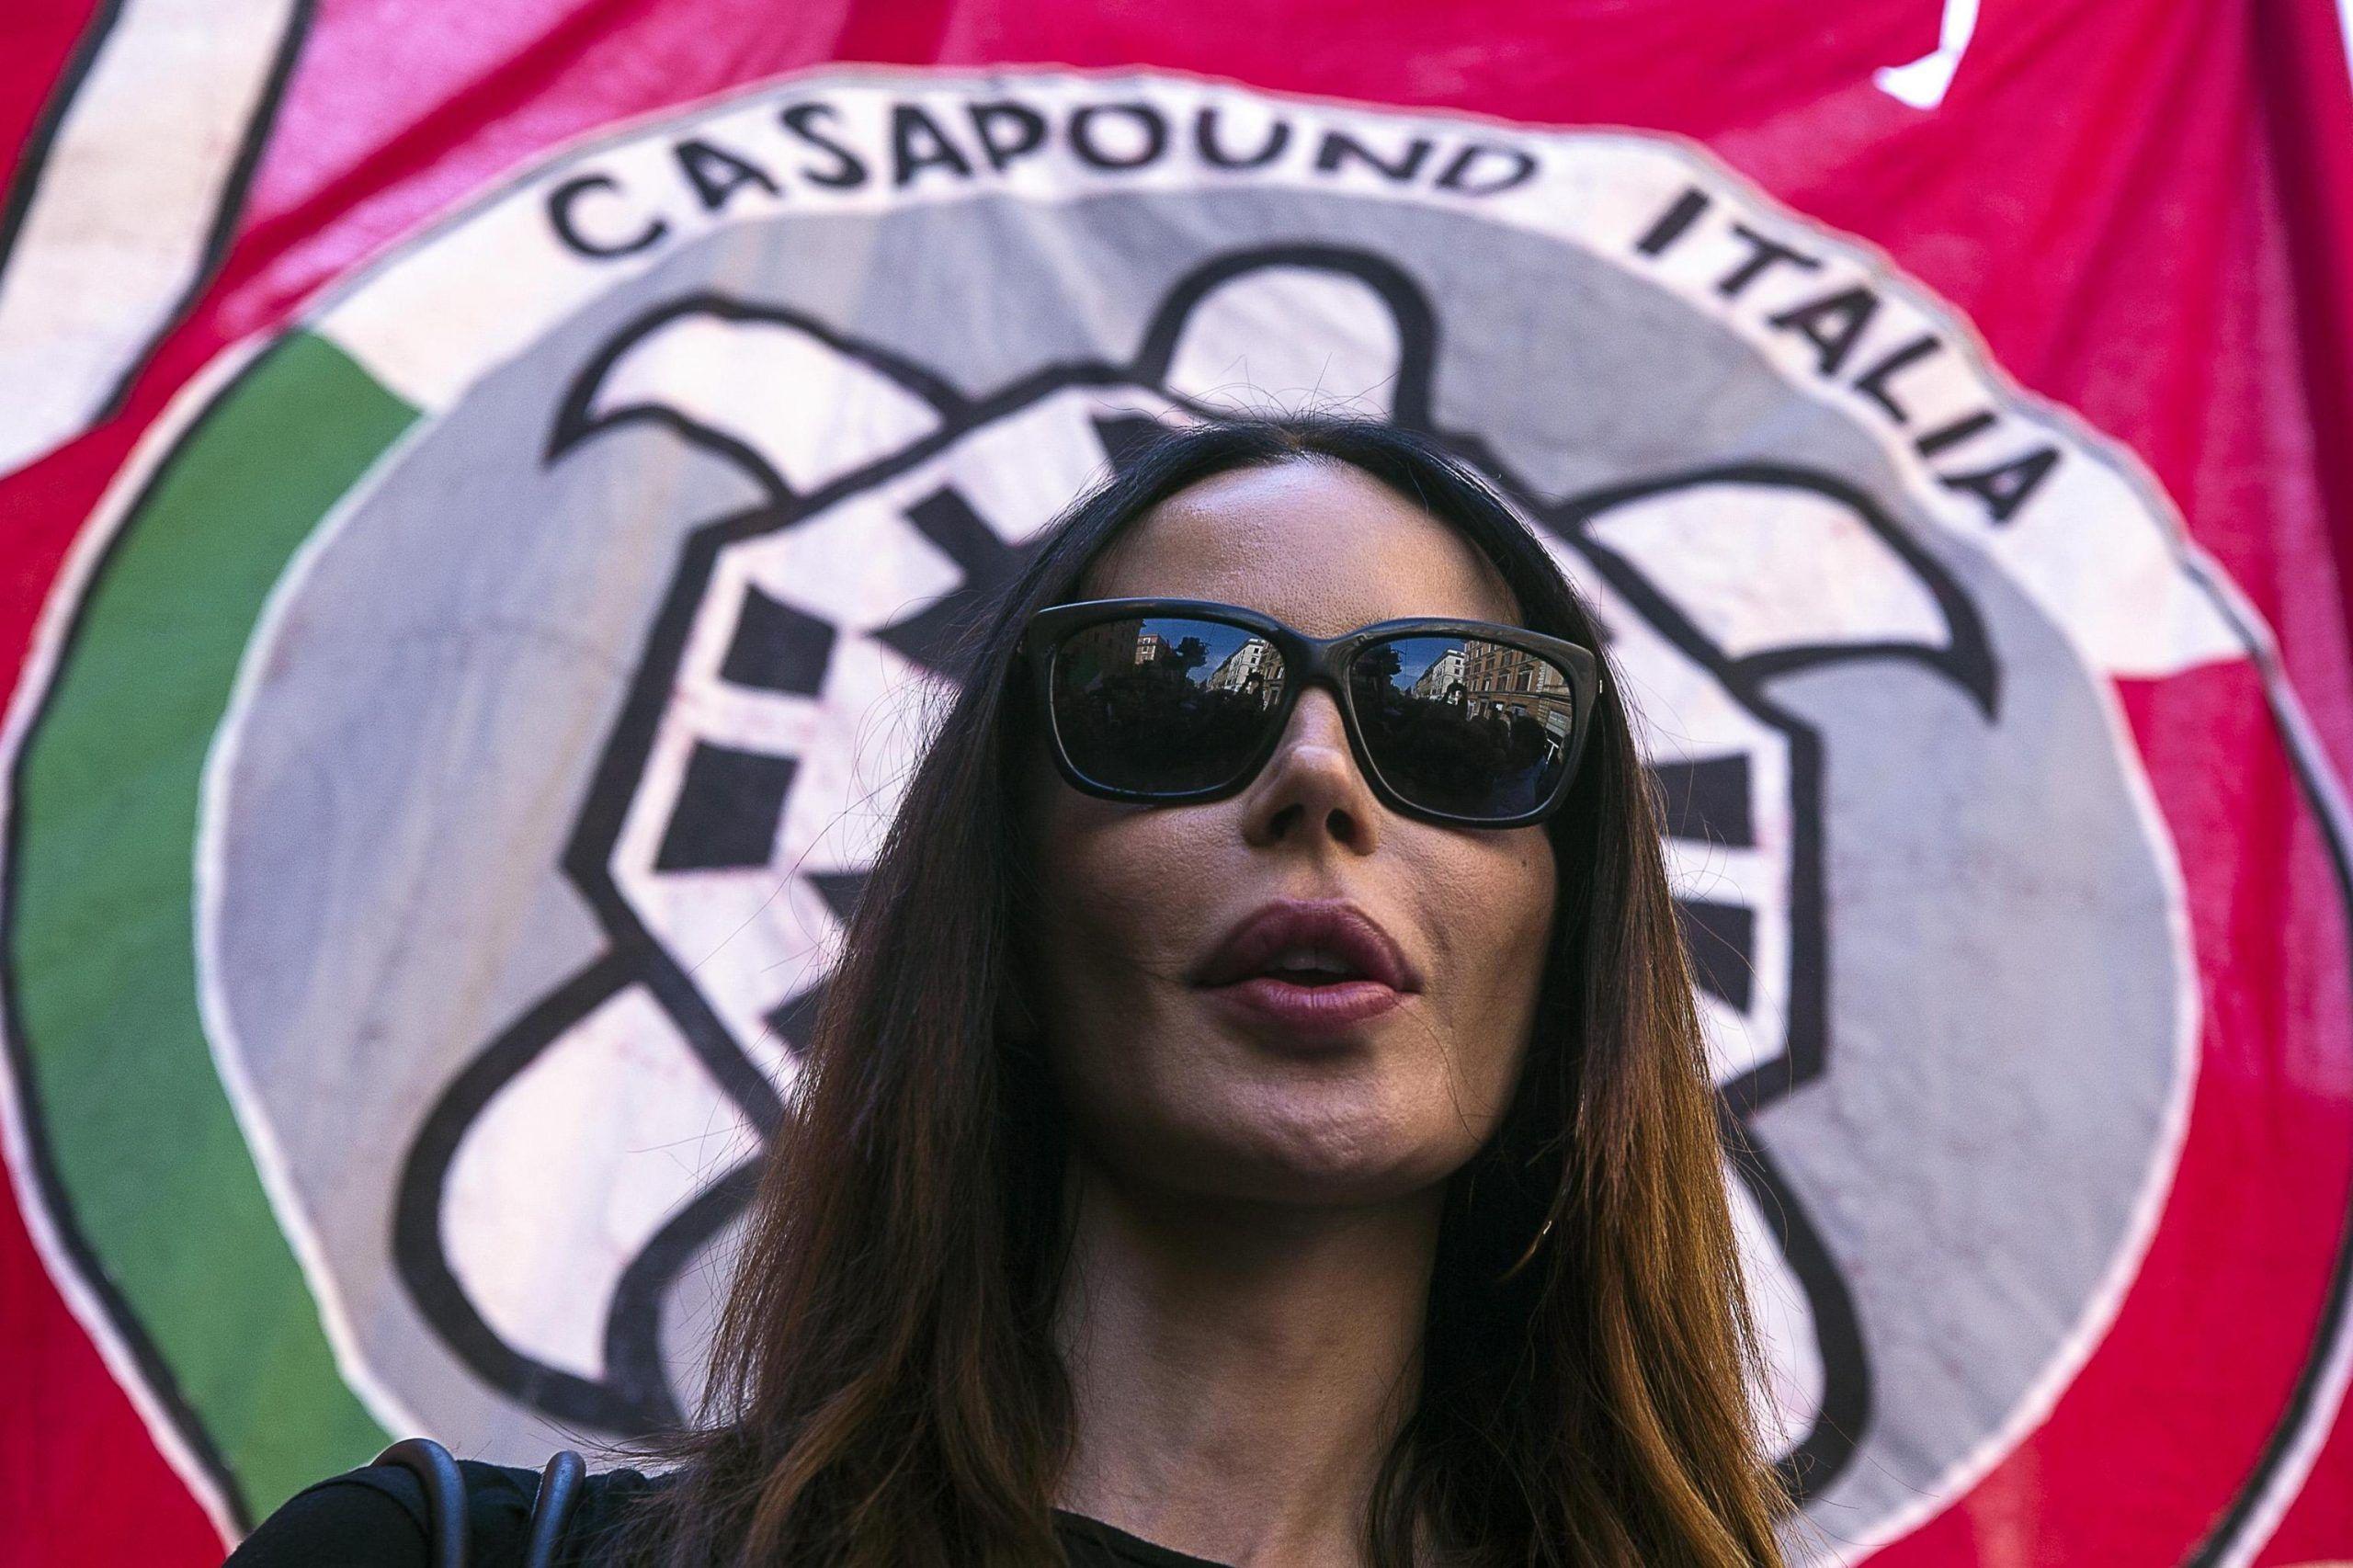 Nina Moric, battuta al veleno contro Matteo Salvini